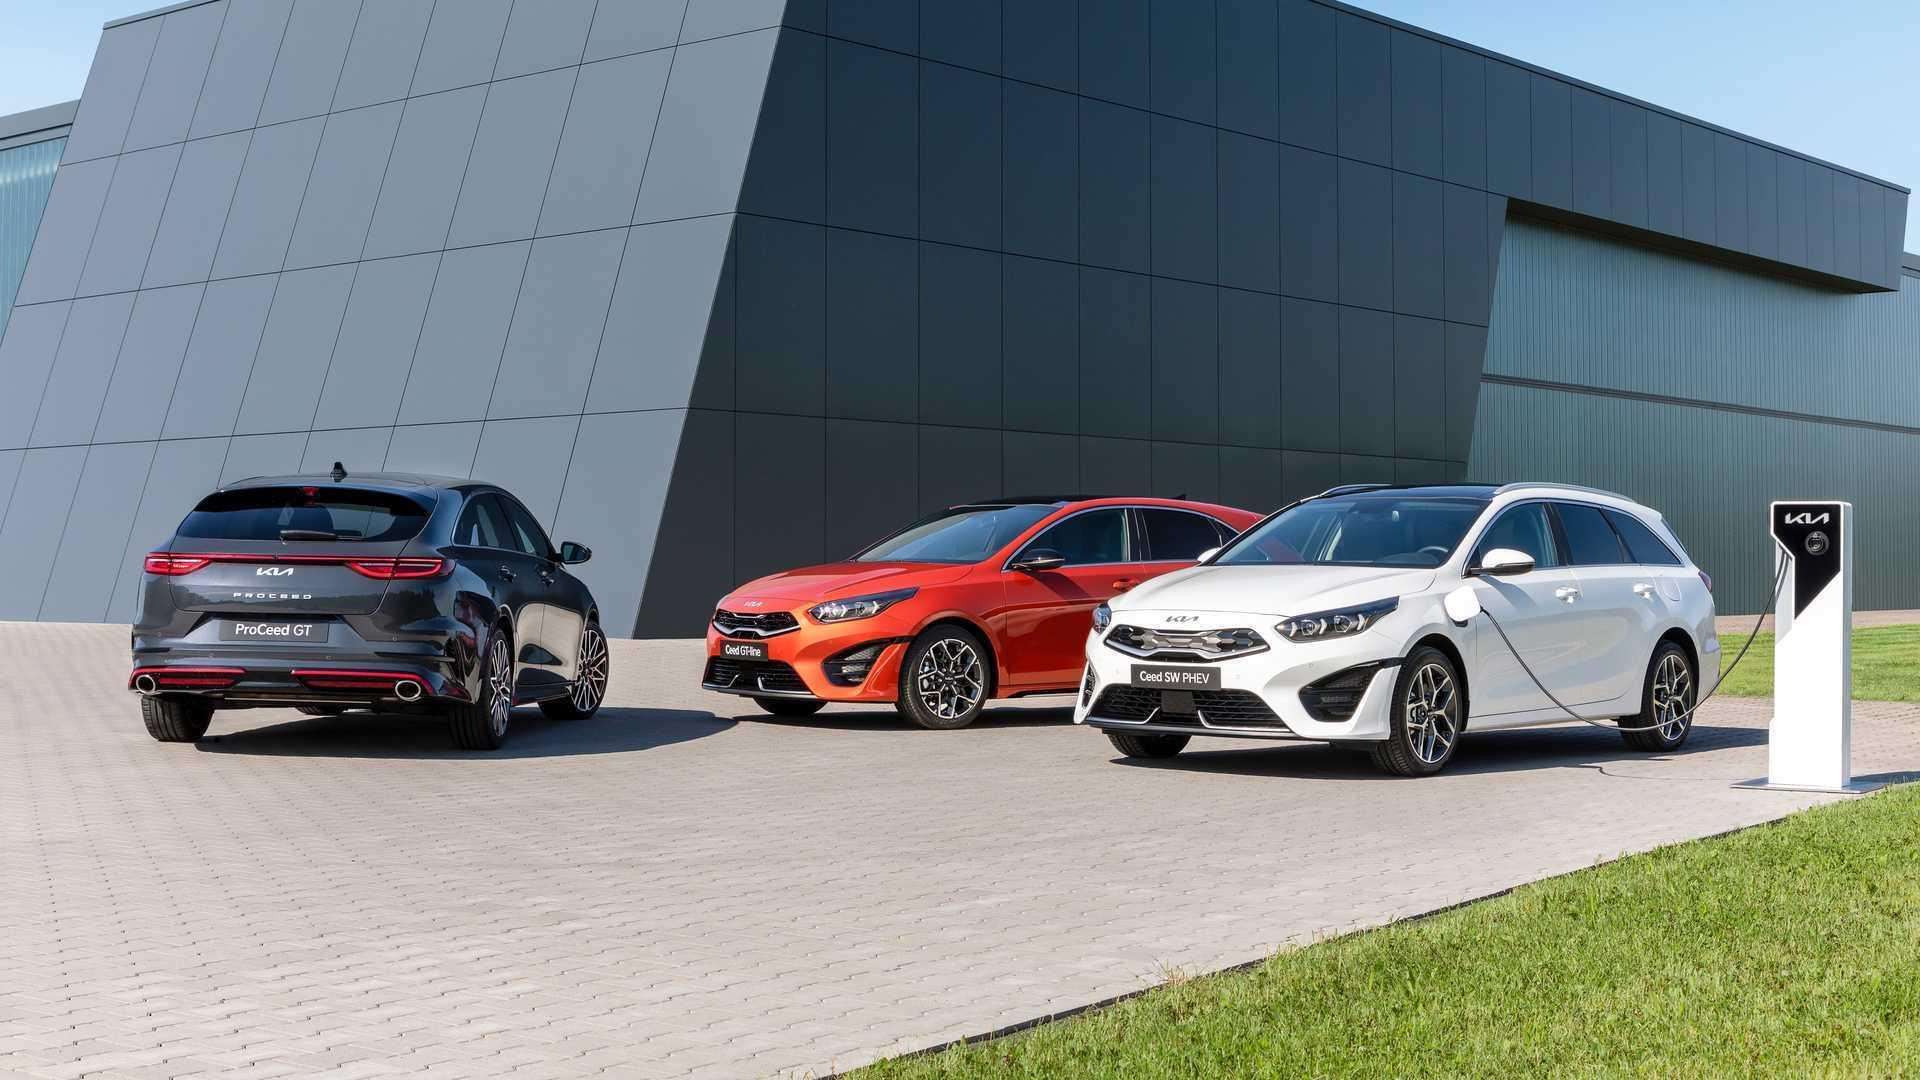 Kia провела плановое обновление моделей Ceed, ProCeed и Ceed SW